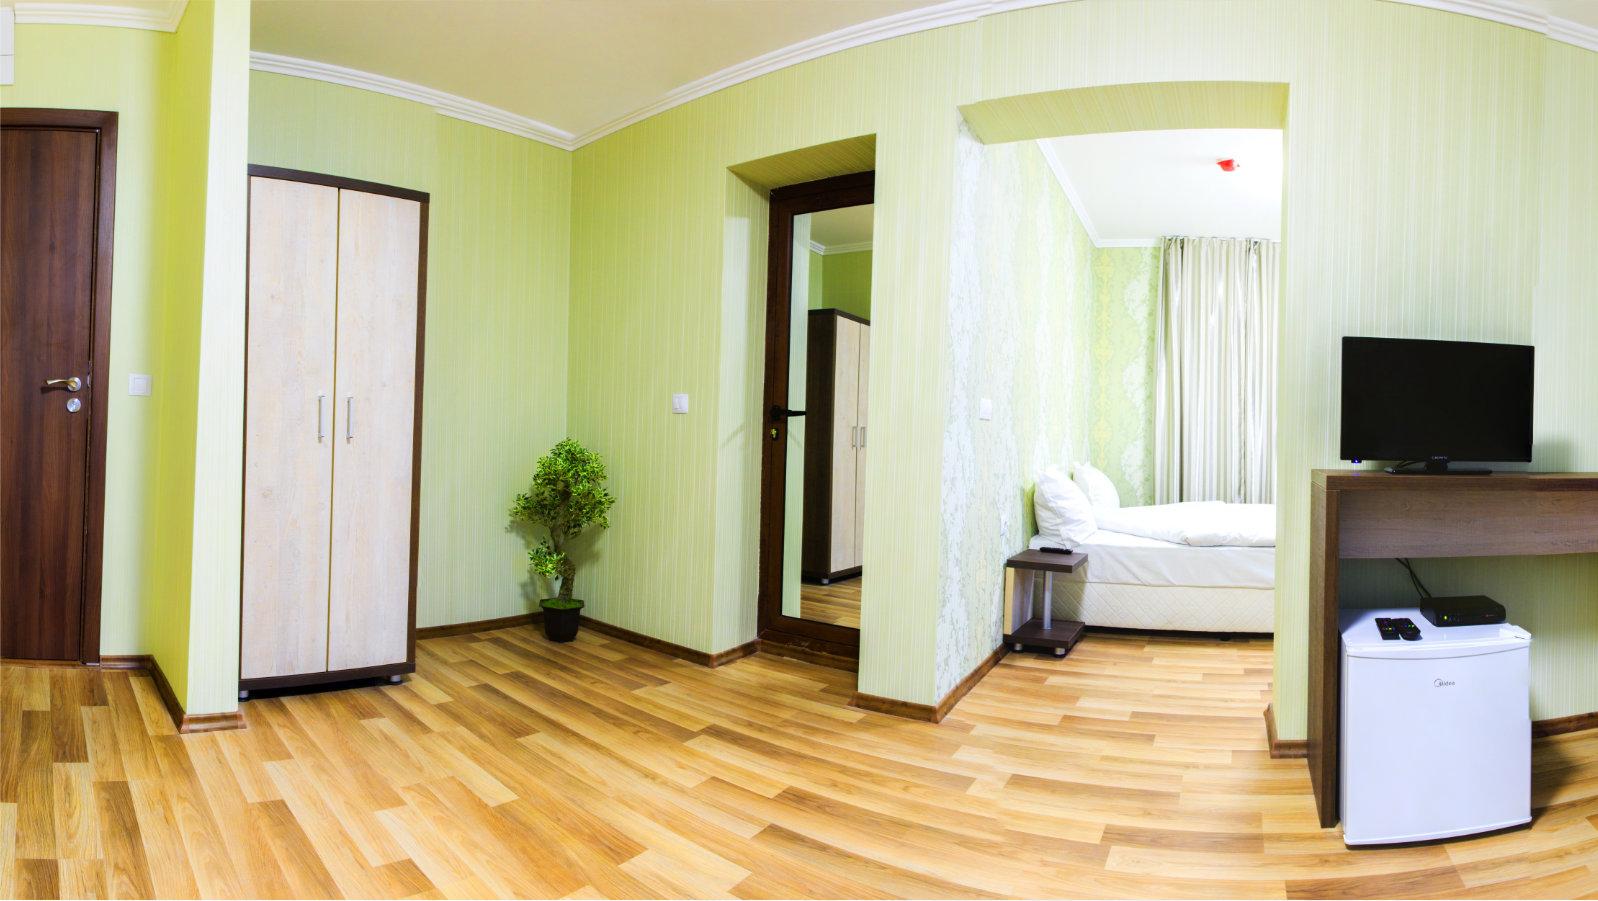 Apartament featured image